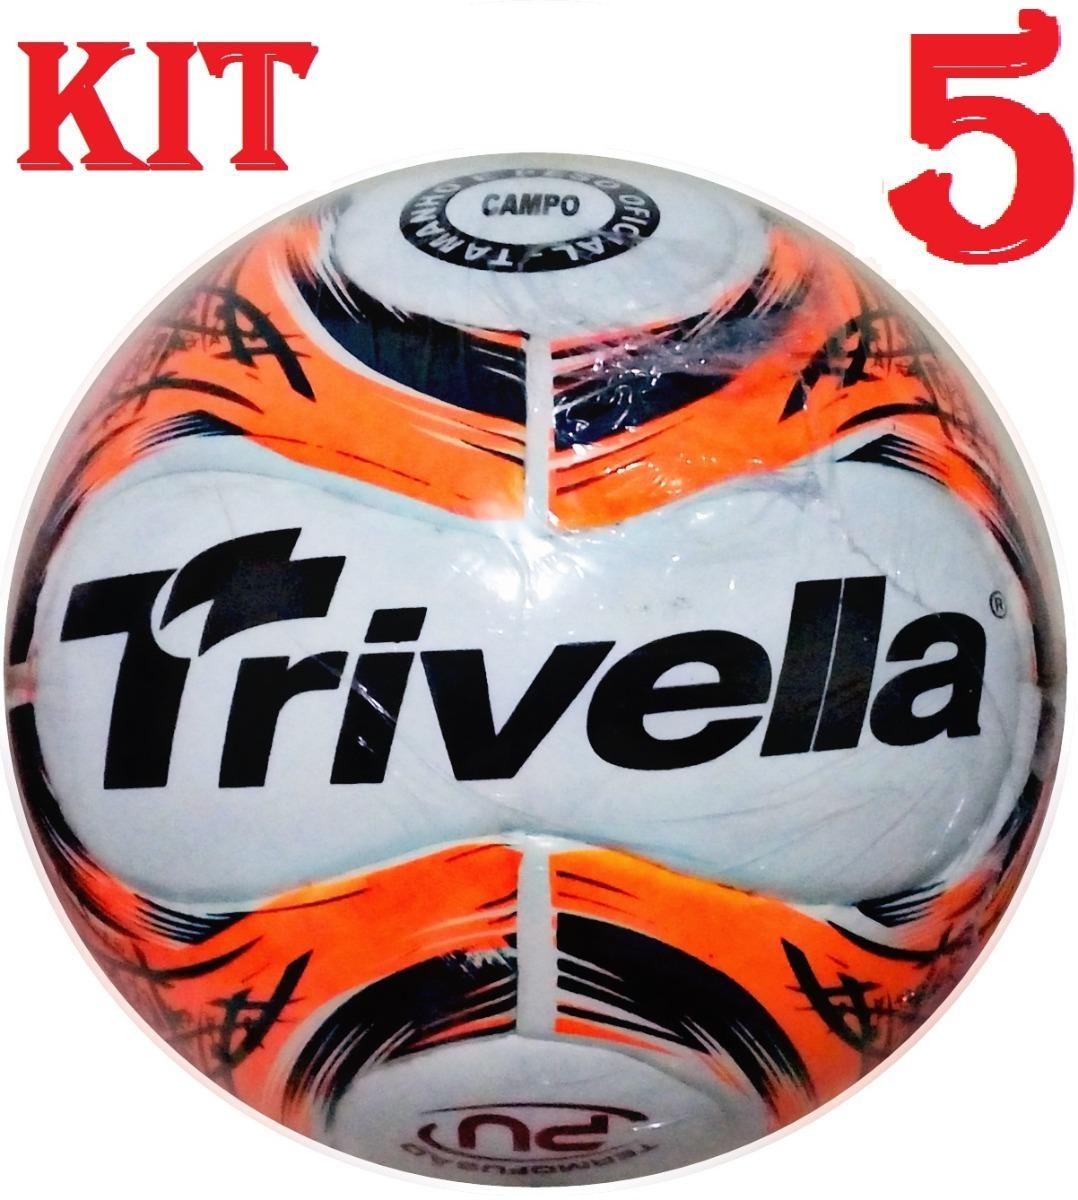 kit 5 bolas de campo futebol trivella original - brasil gold. Carregando  zoom. fb07372ff83b8